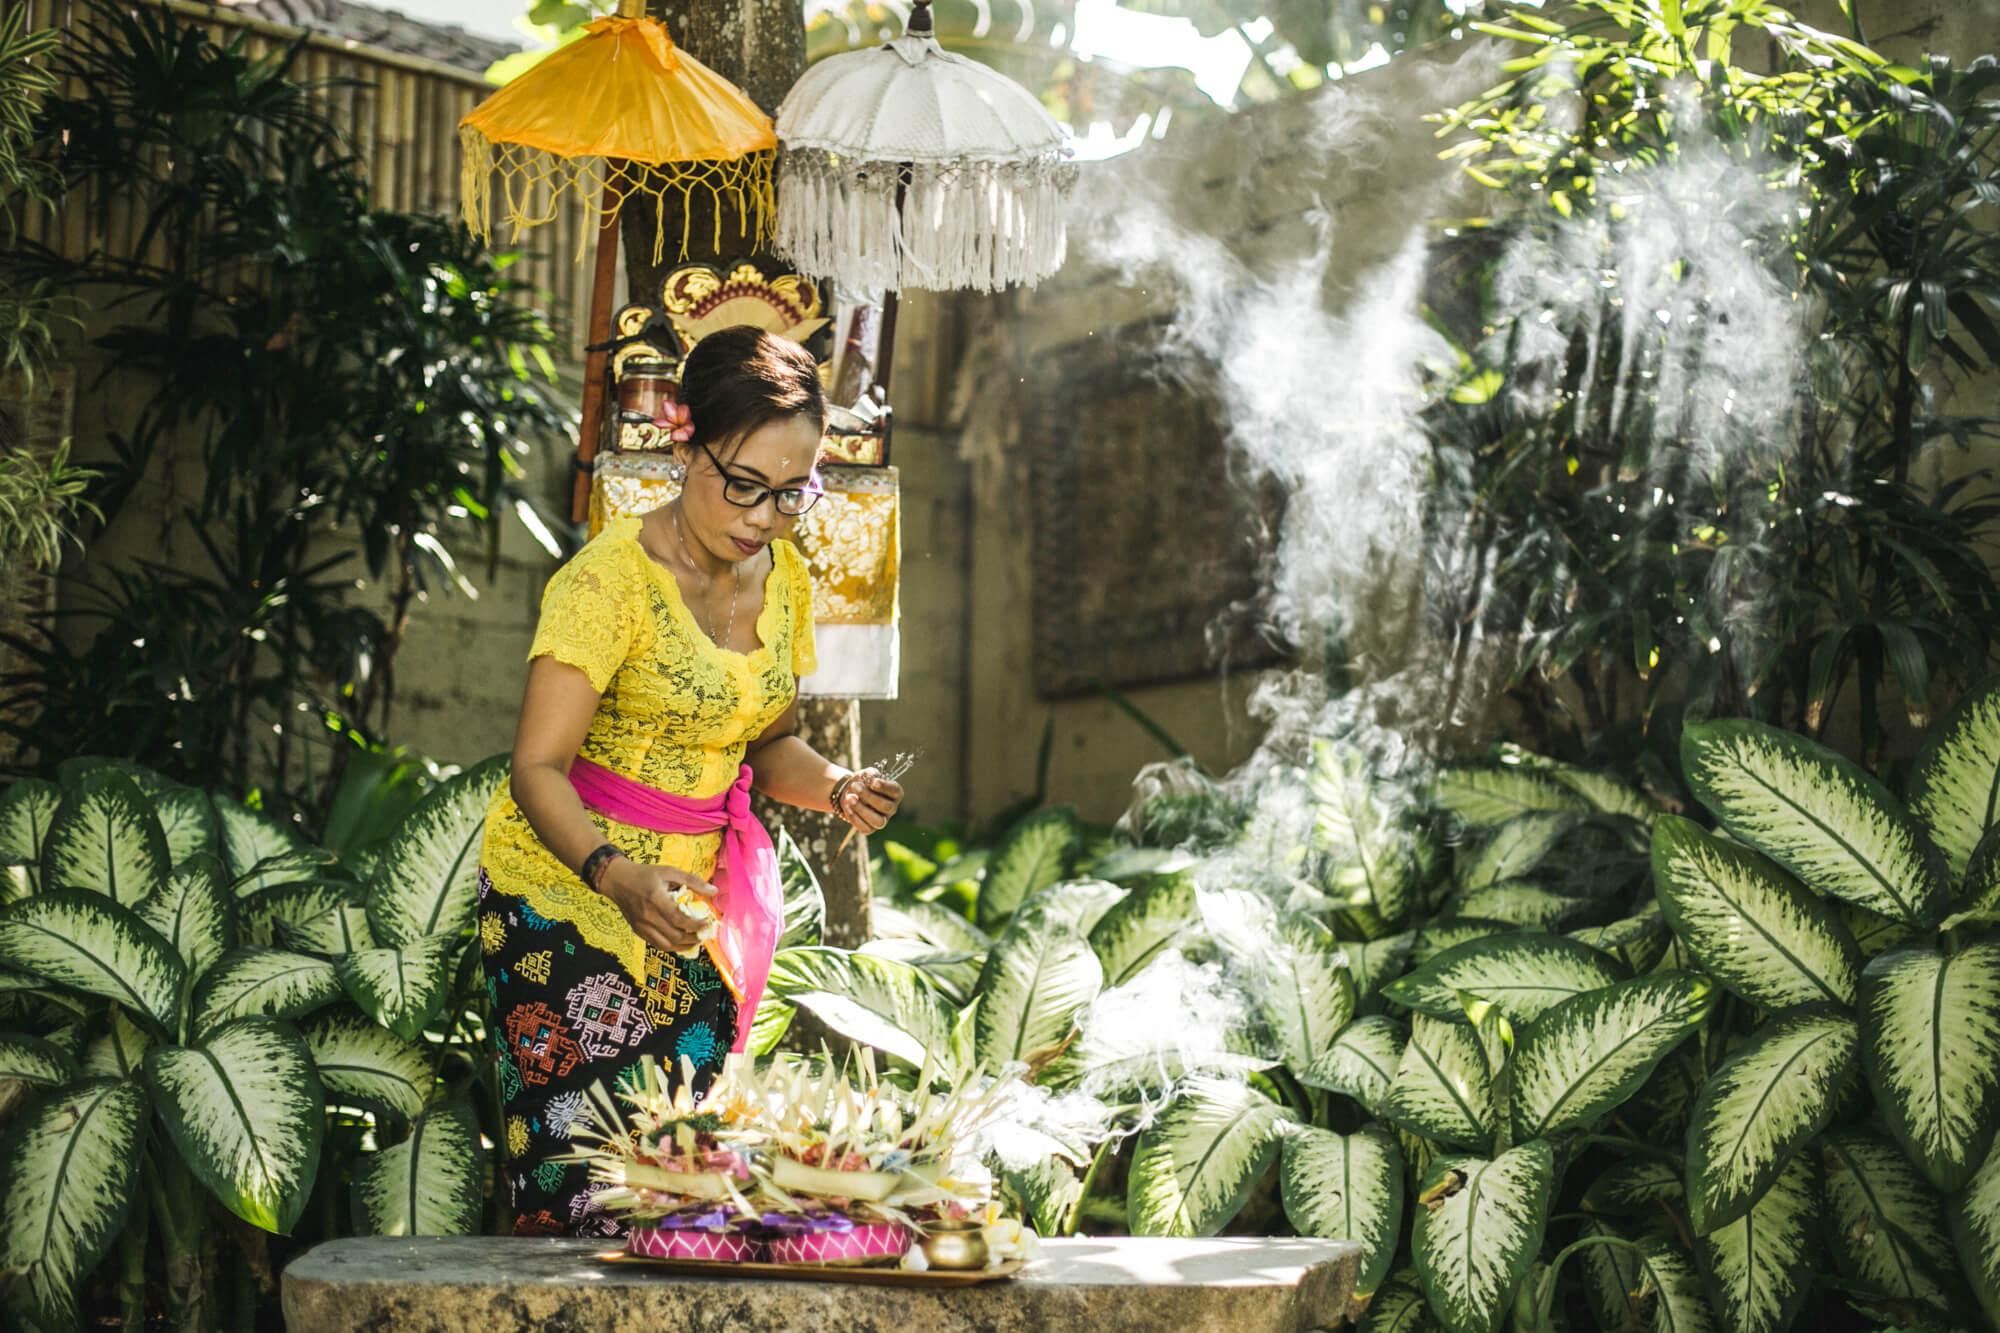 Tropical Garden - The Place Retreats Bali